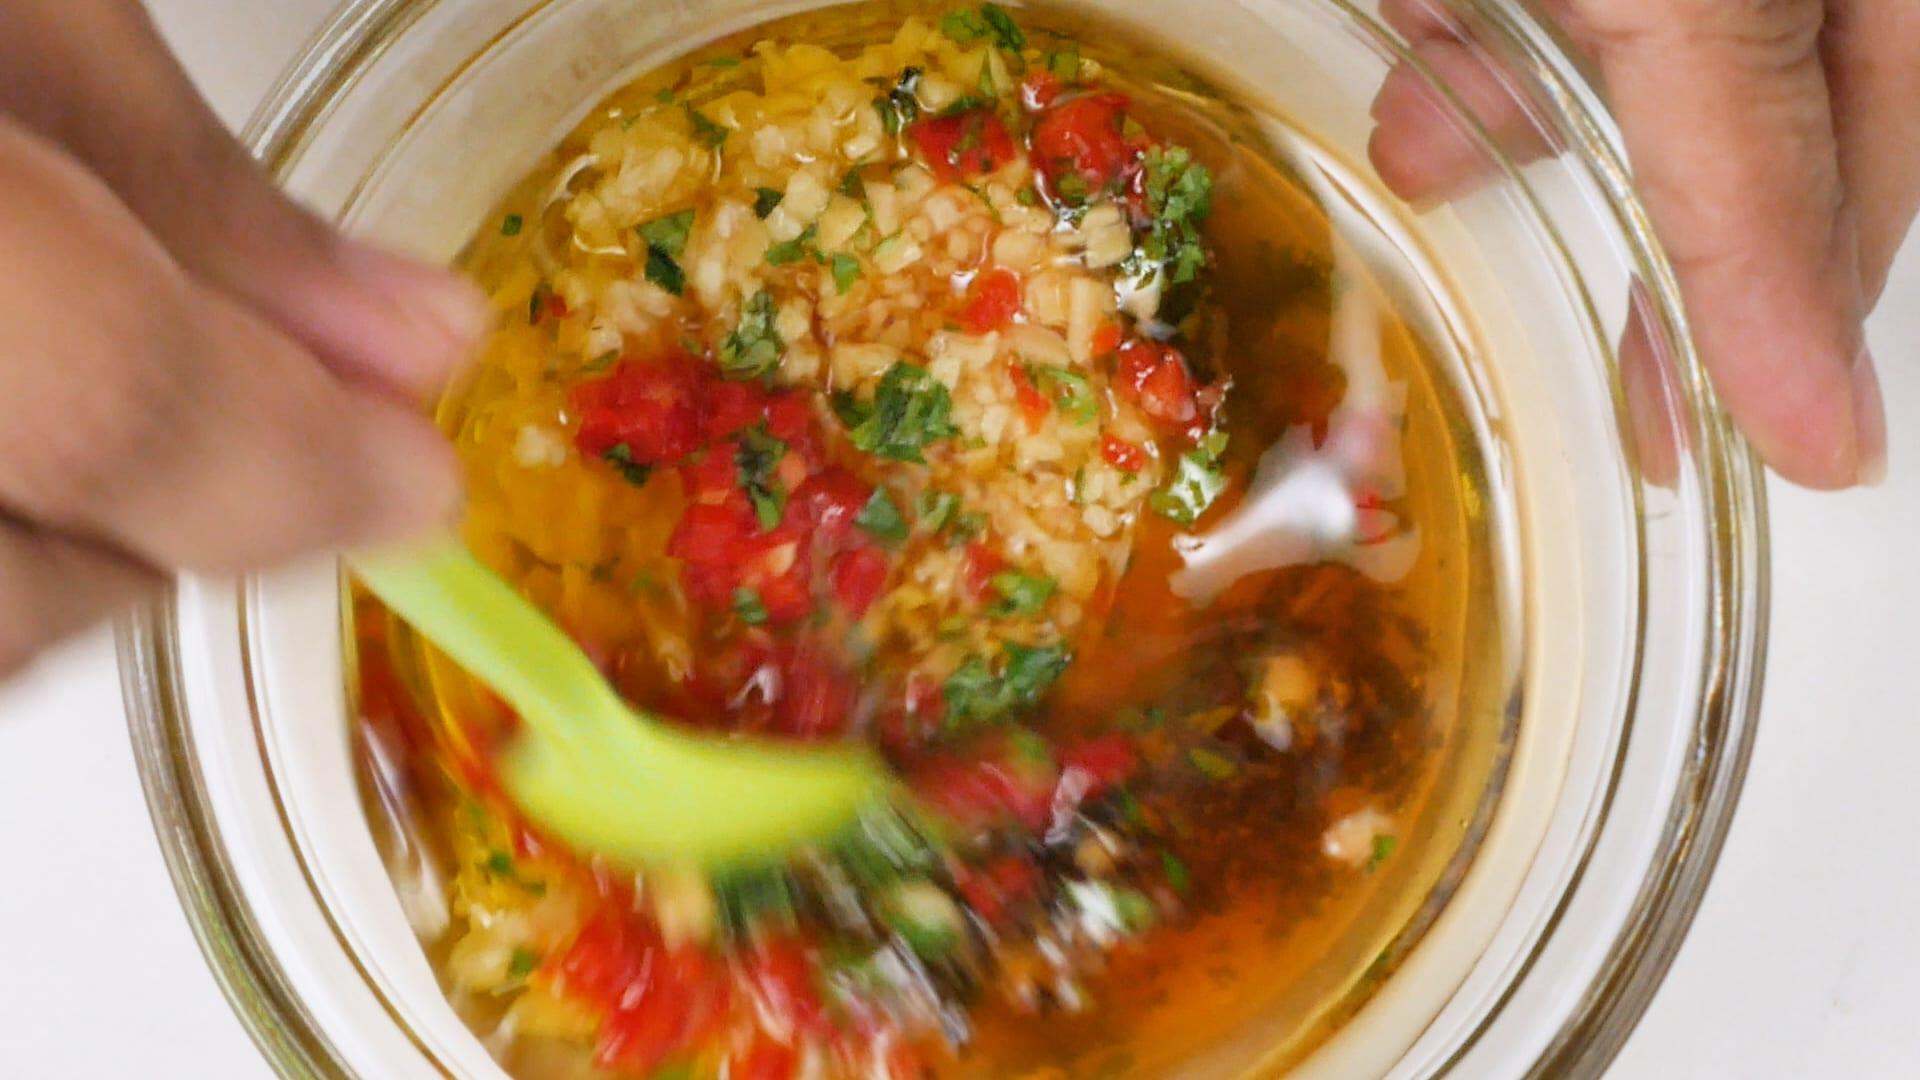 Mixing marinade